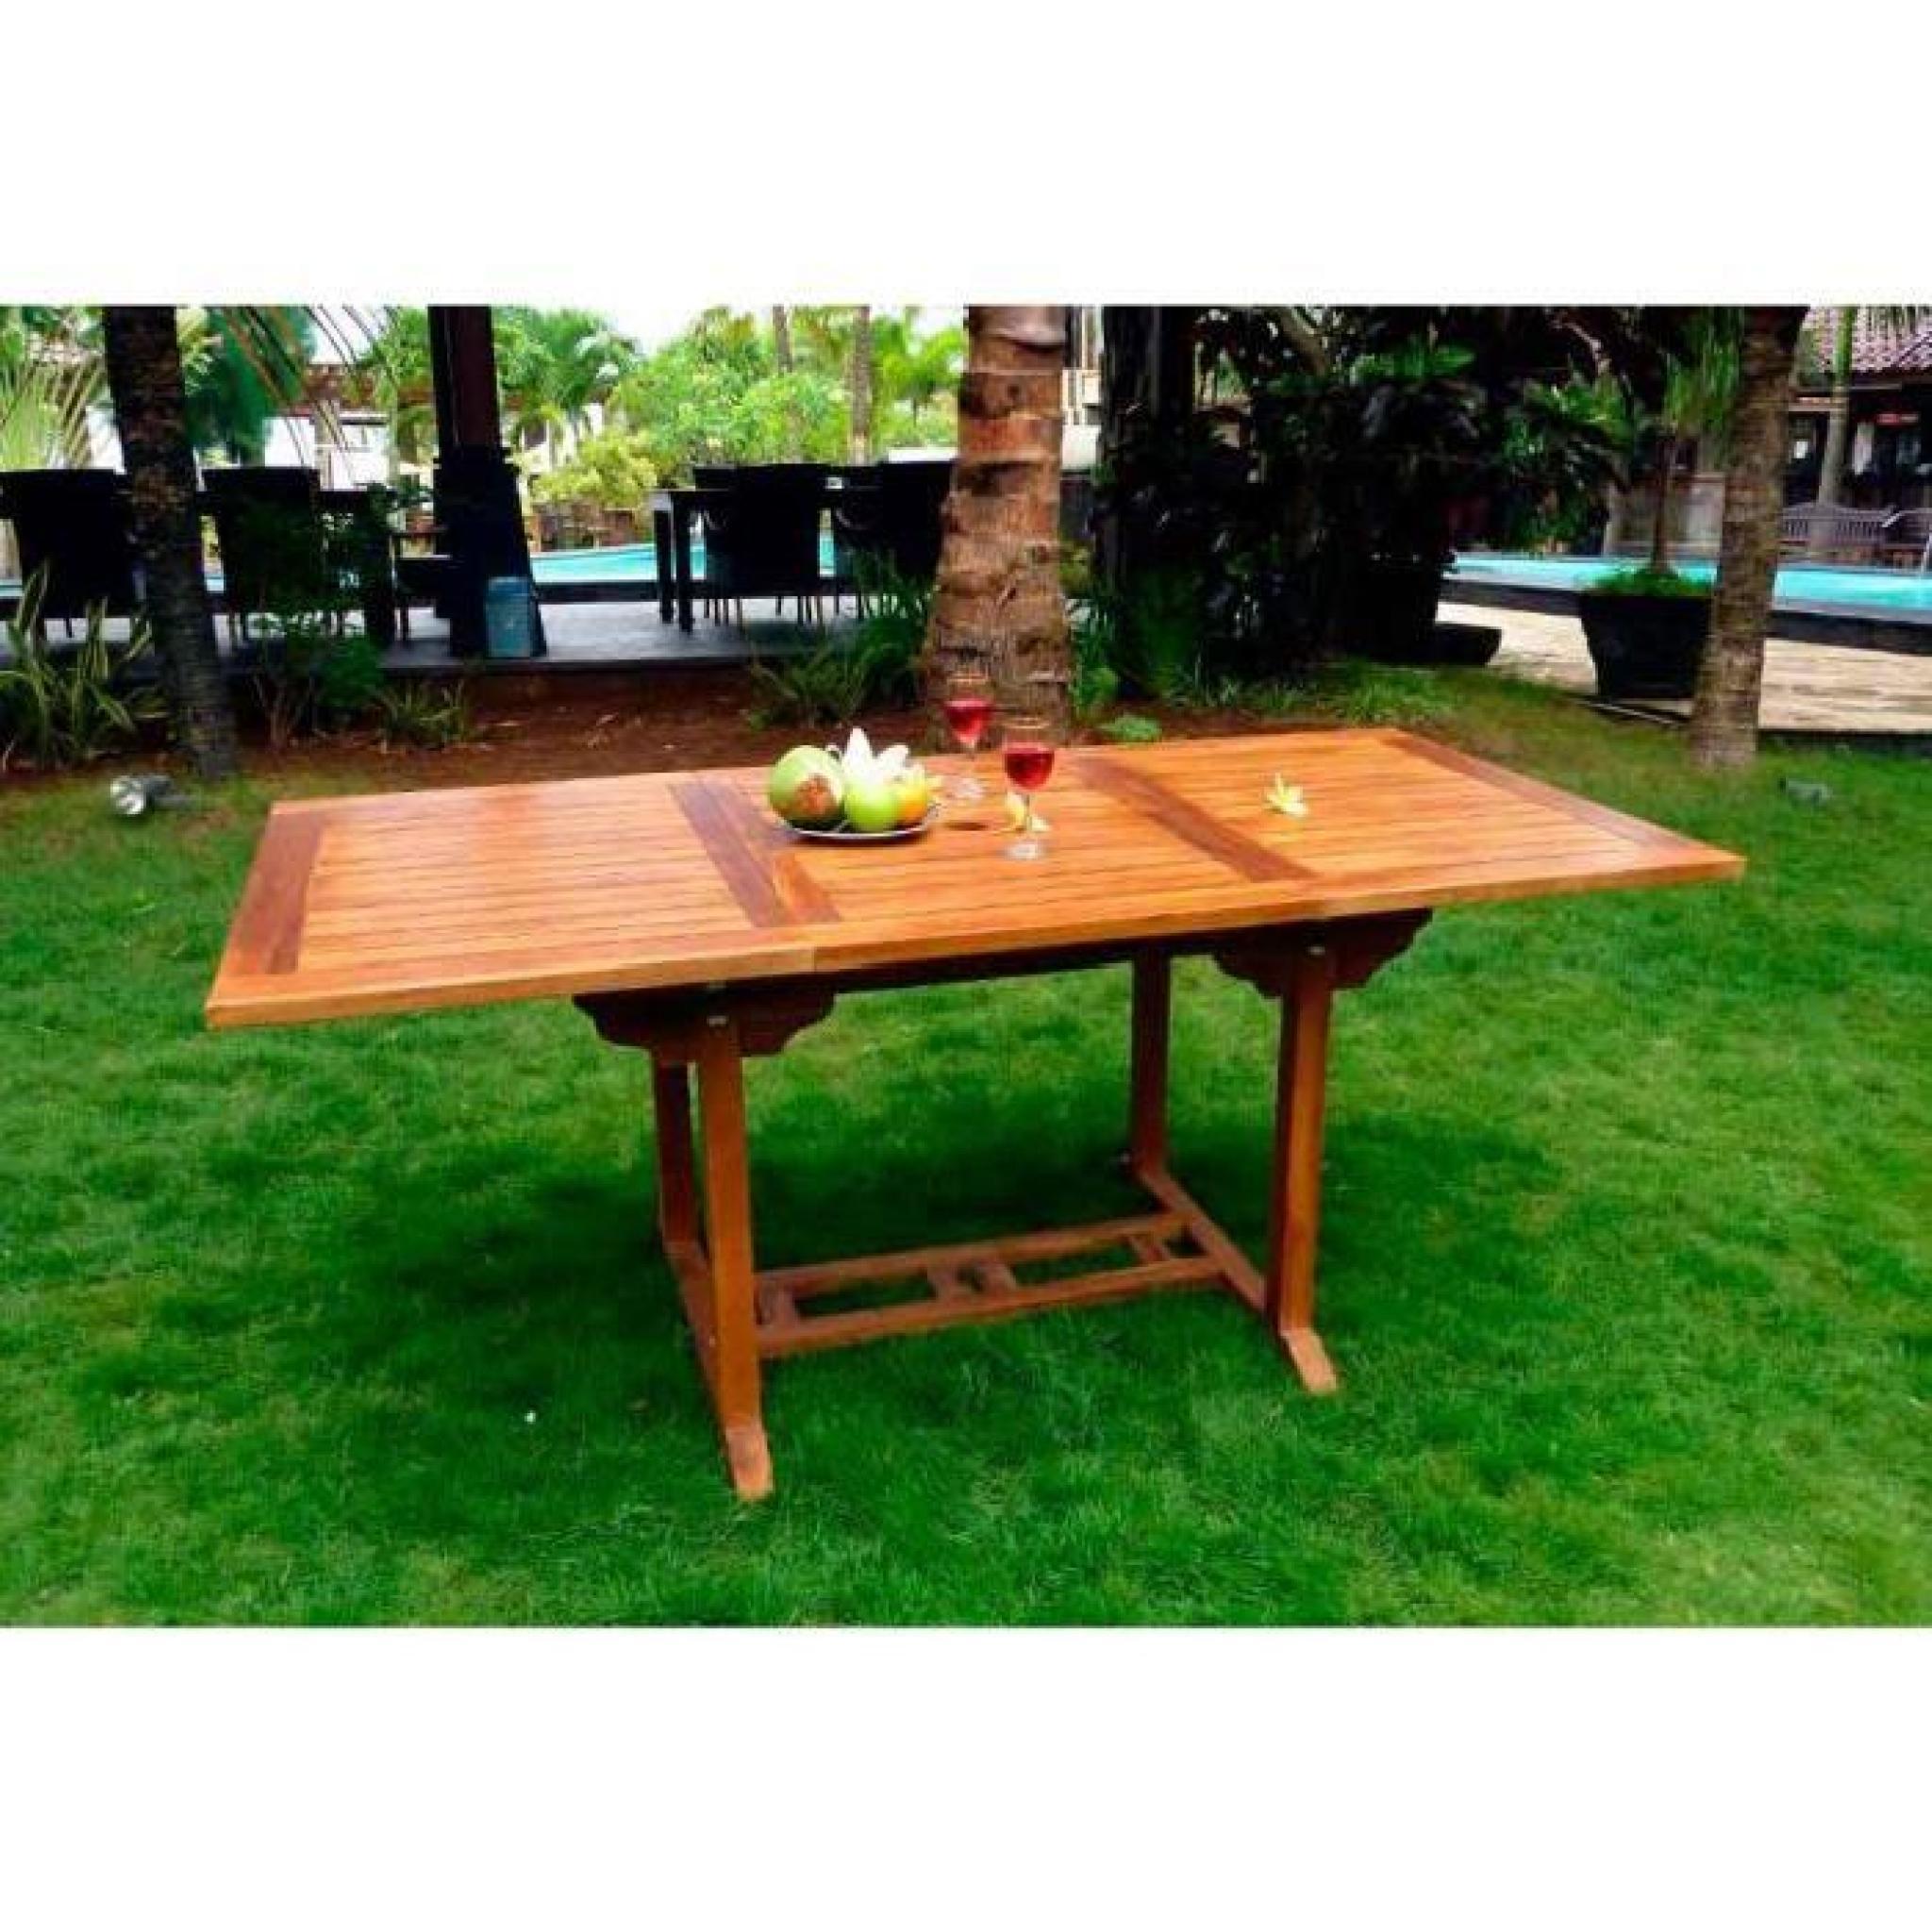 Table Extérieur En Teck Huilé 8 Places intérieur Table De Jardin Extensible Pas Cher